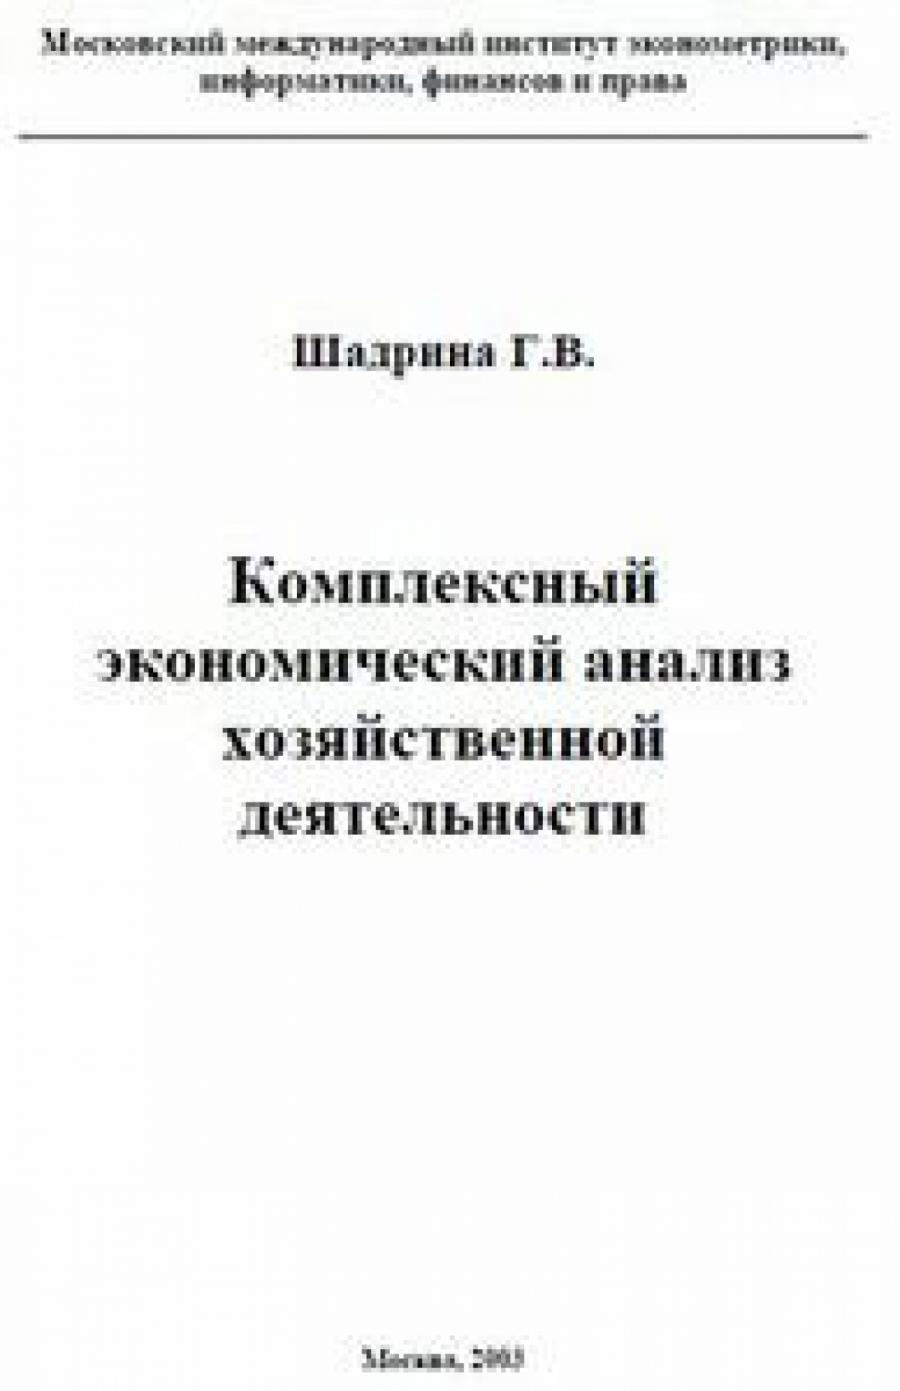 Обложка книги:  шадрина г. в. - комплексный экономический анализ хозяйственной деятельности